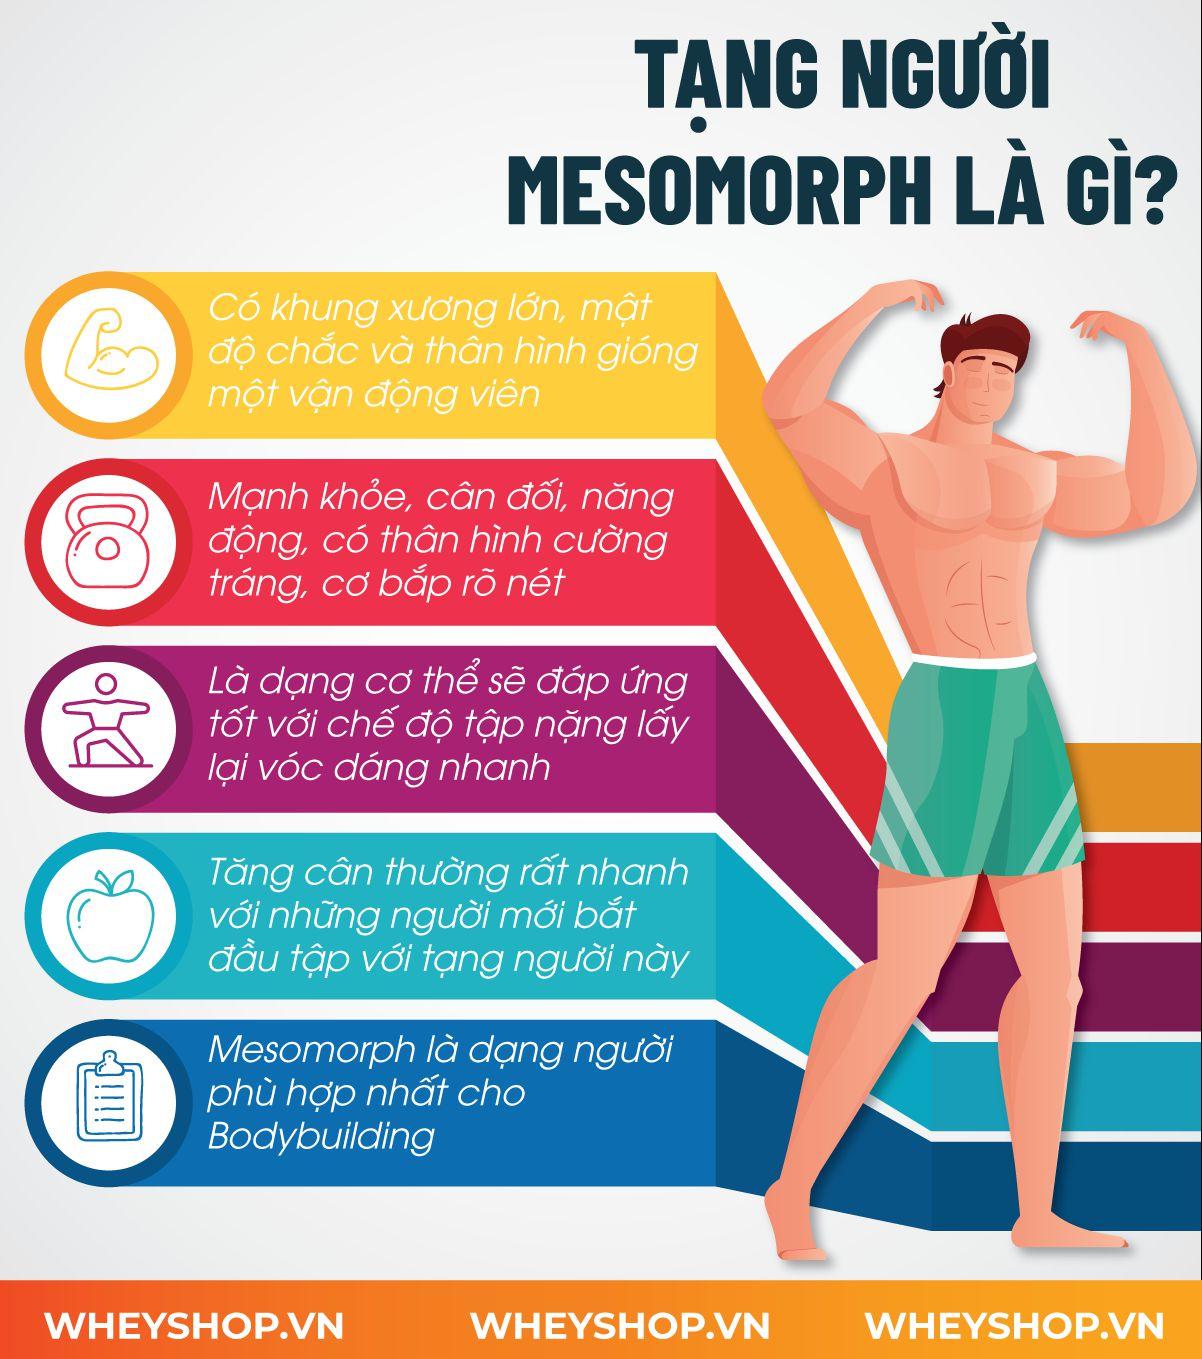 Nếu bạn chưa biết mình có phải tạng người Mesomorph để tập thể hình không thì hãy cùng WheyShop tìm hiểu thông qua bài viết sau nhé...